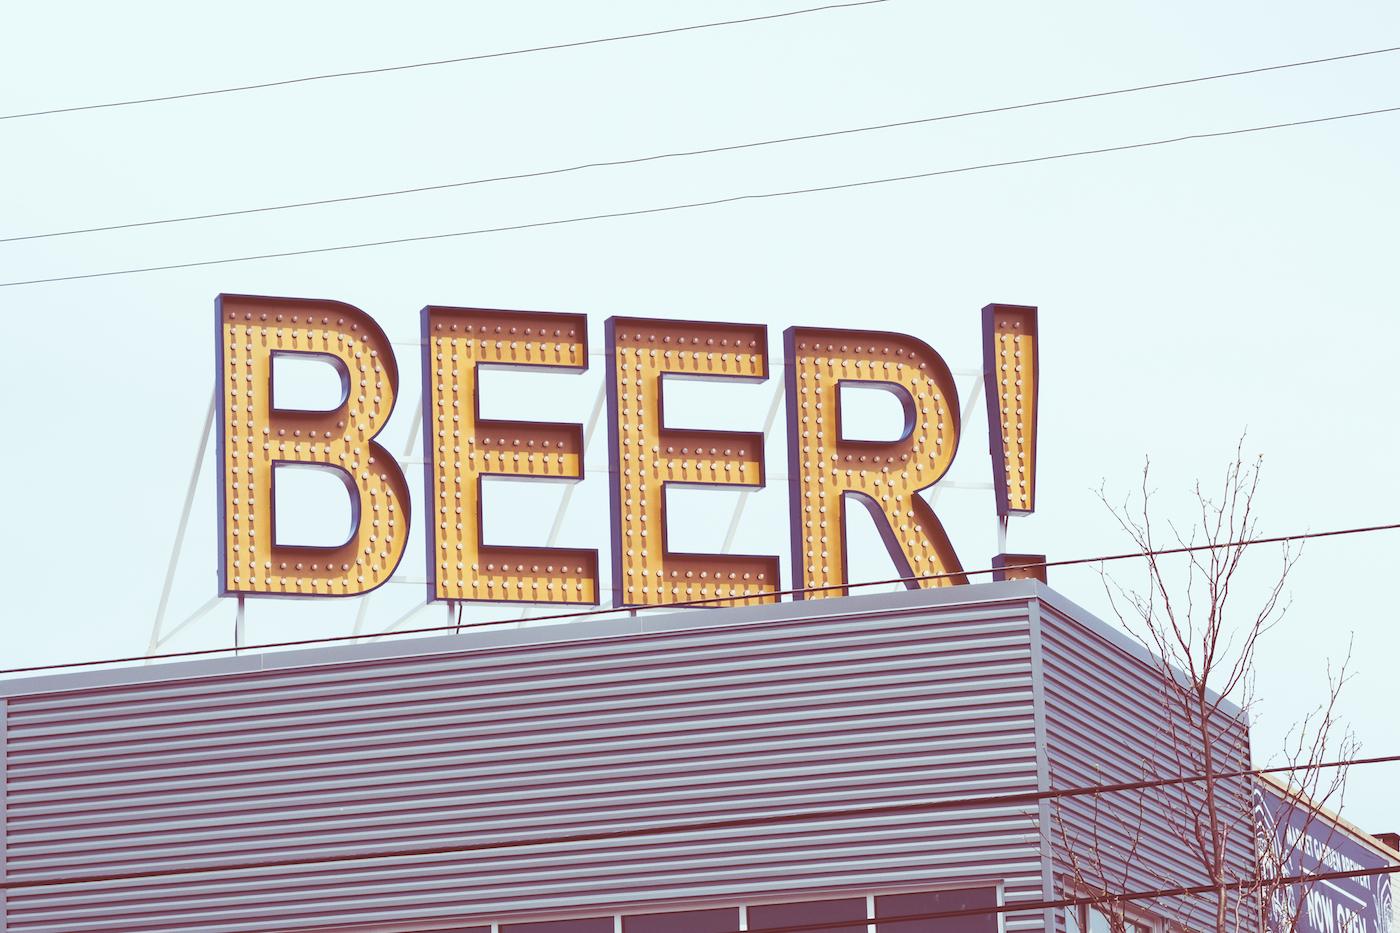 酔った状態でも使えるのが良いUI、それが「ビール3杯理論」